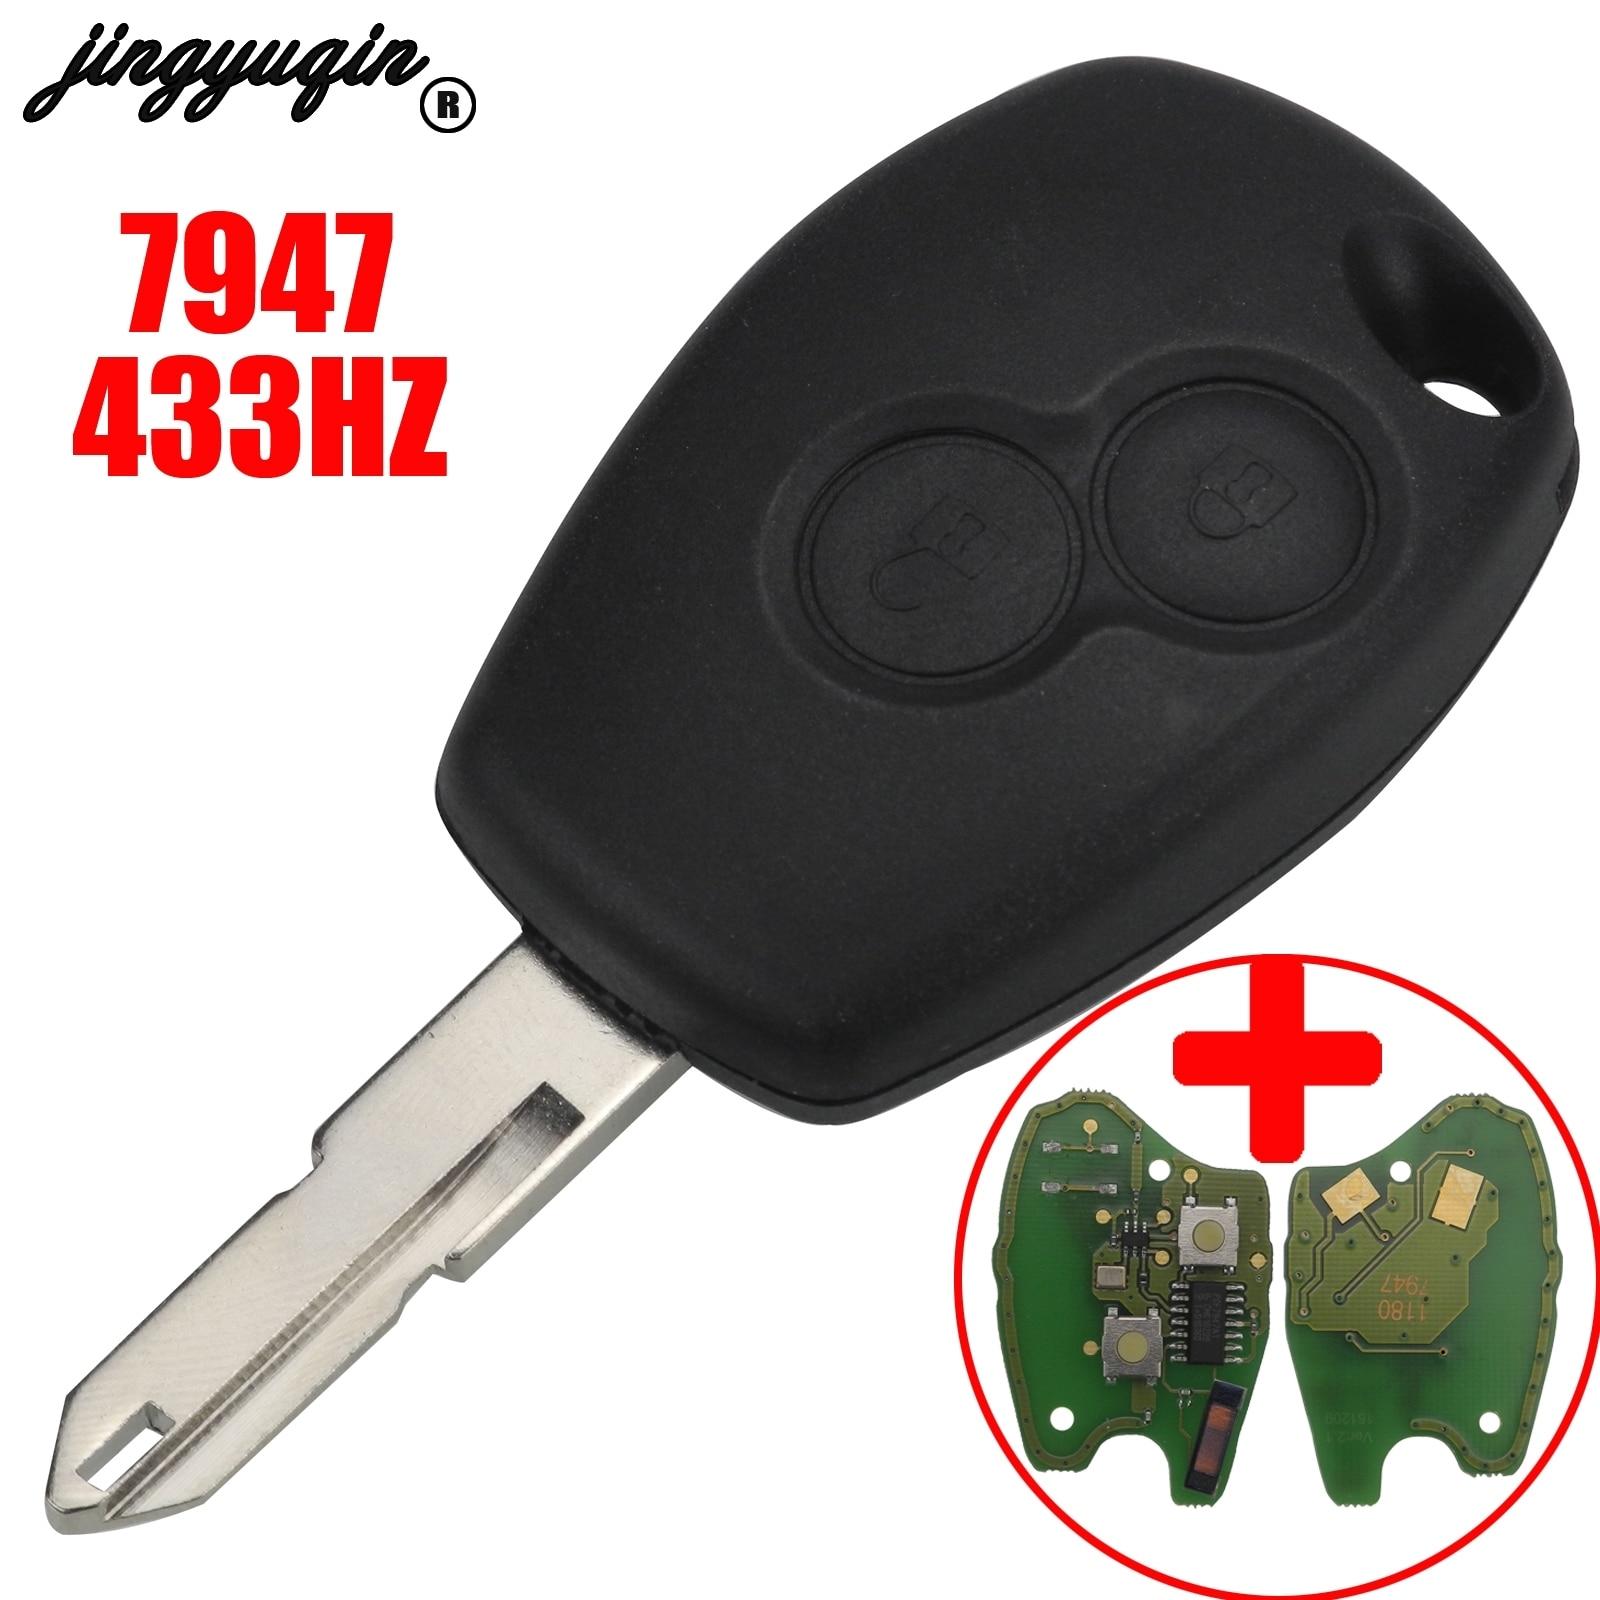 Jingyuqin 2 botones funda para mando a distancia del coche carcasa para Renault Vivaro Movano Traffic Master ASK 433MHz PCF7947 transpondedor Chip